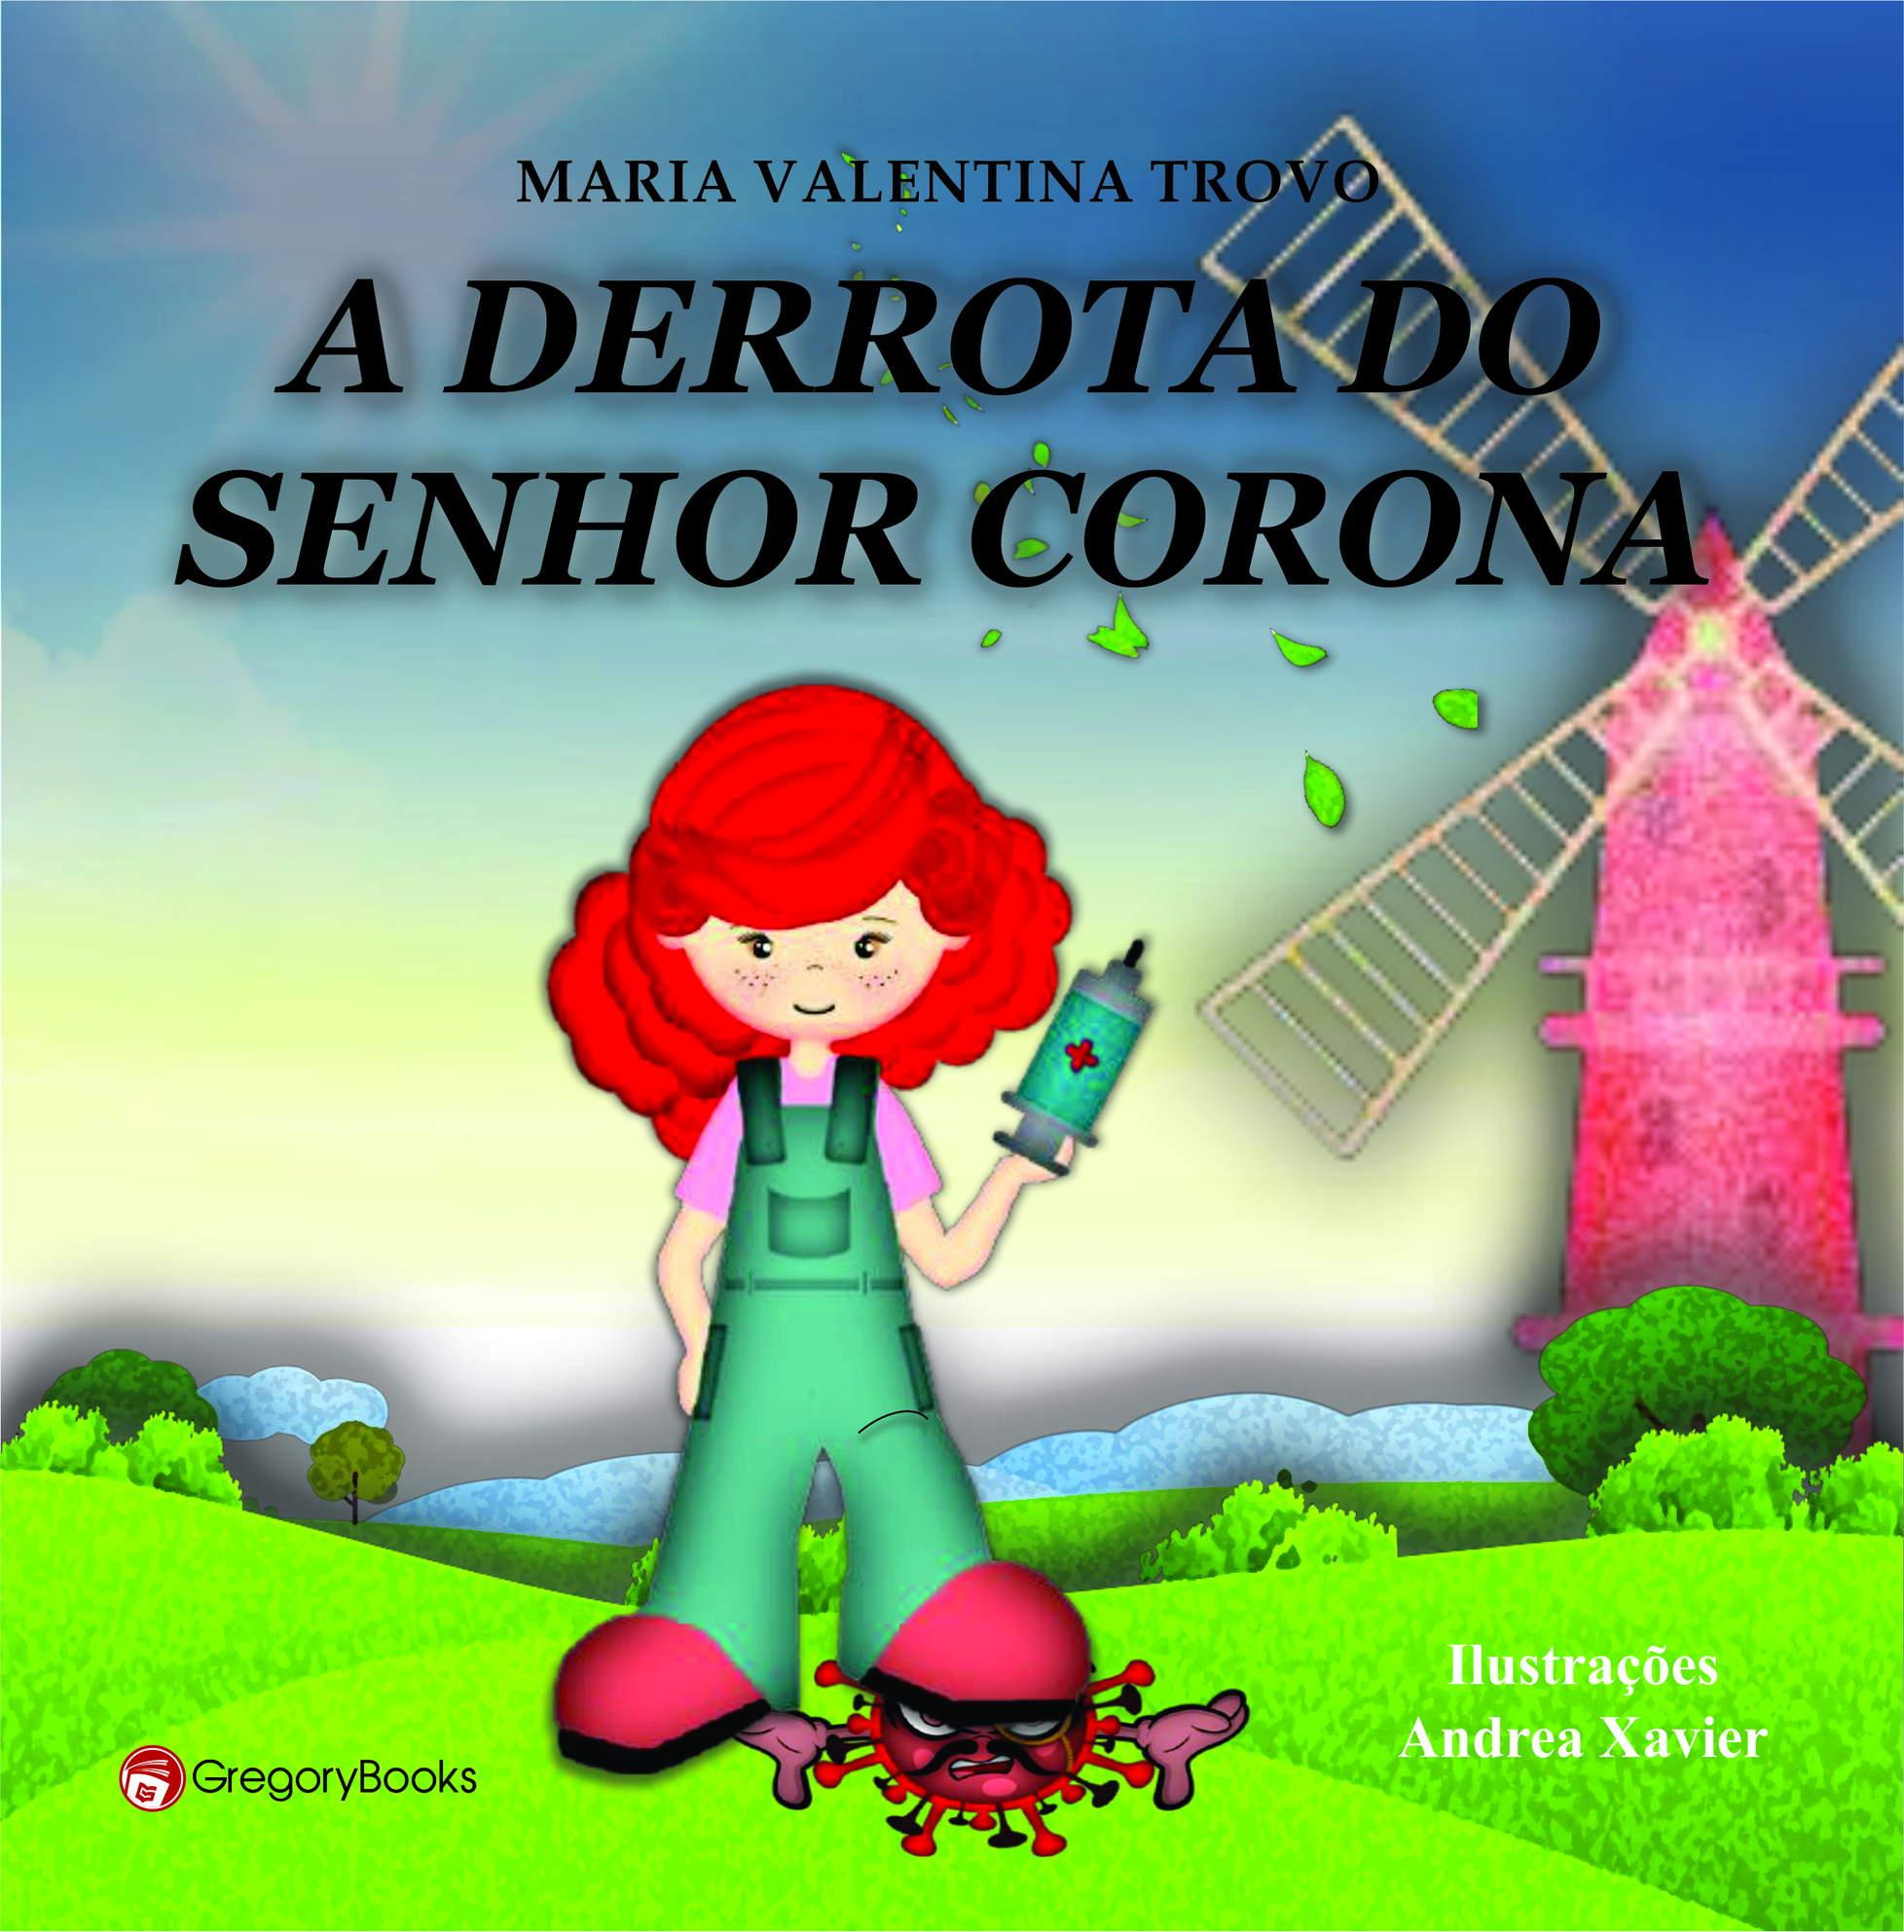 A DERROTA DO SENHOR CORONA